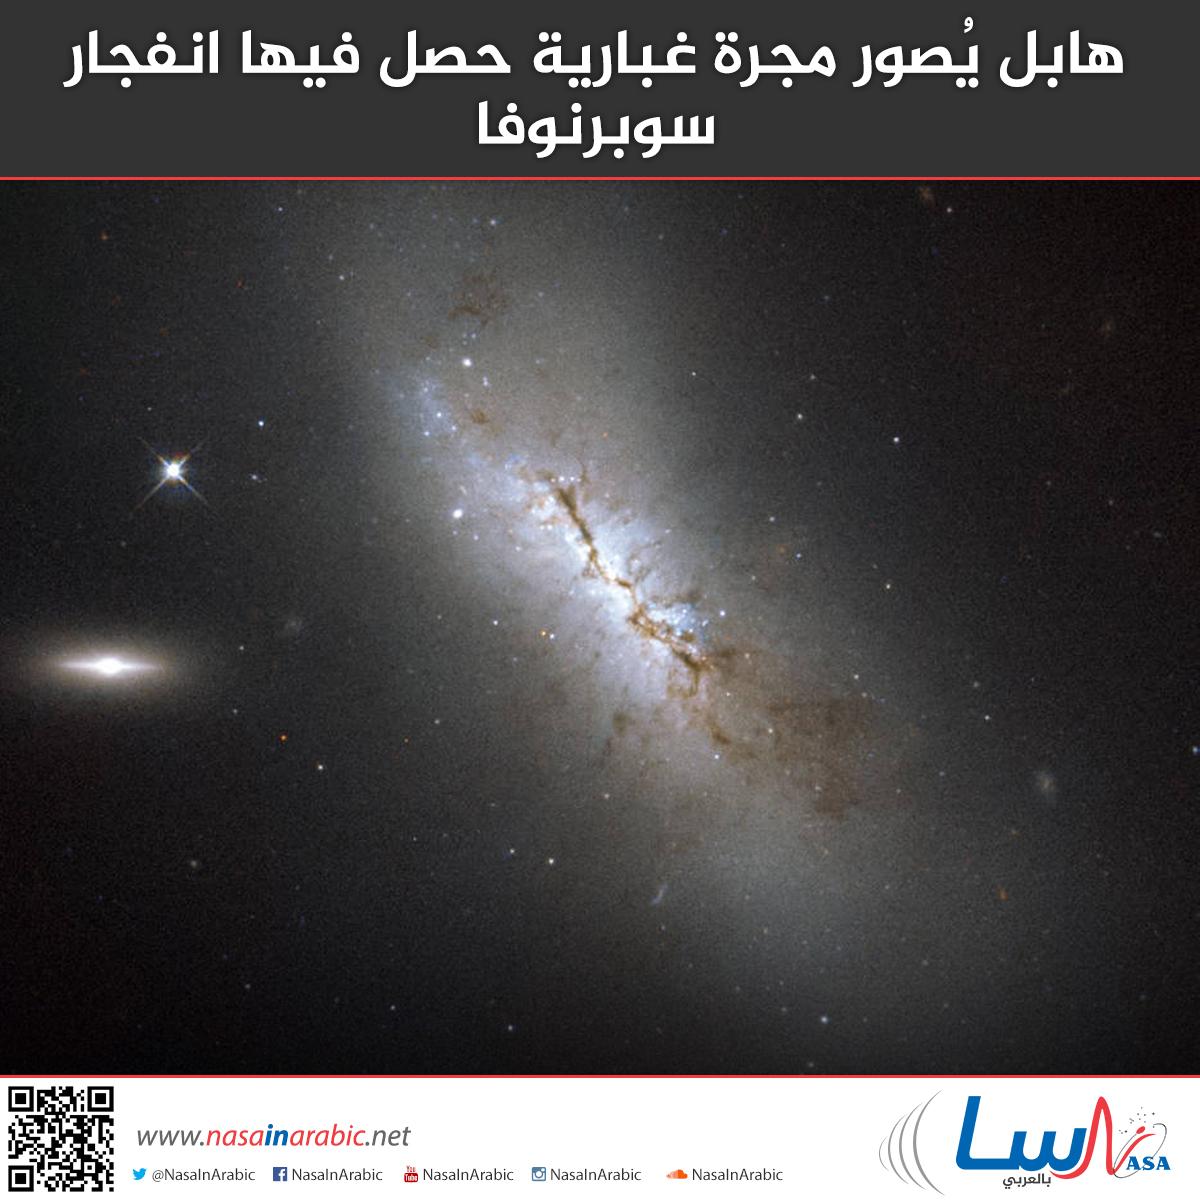 هابل يُصور مجرة غبارية حصل فيها انفجار سوبرنوفا